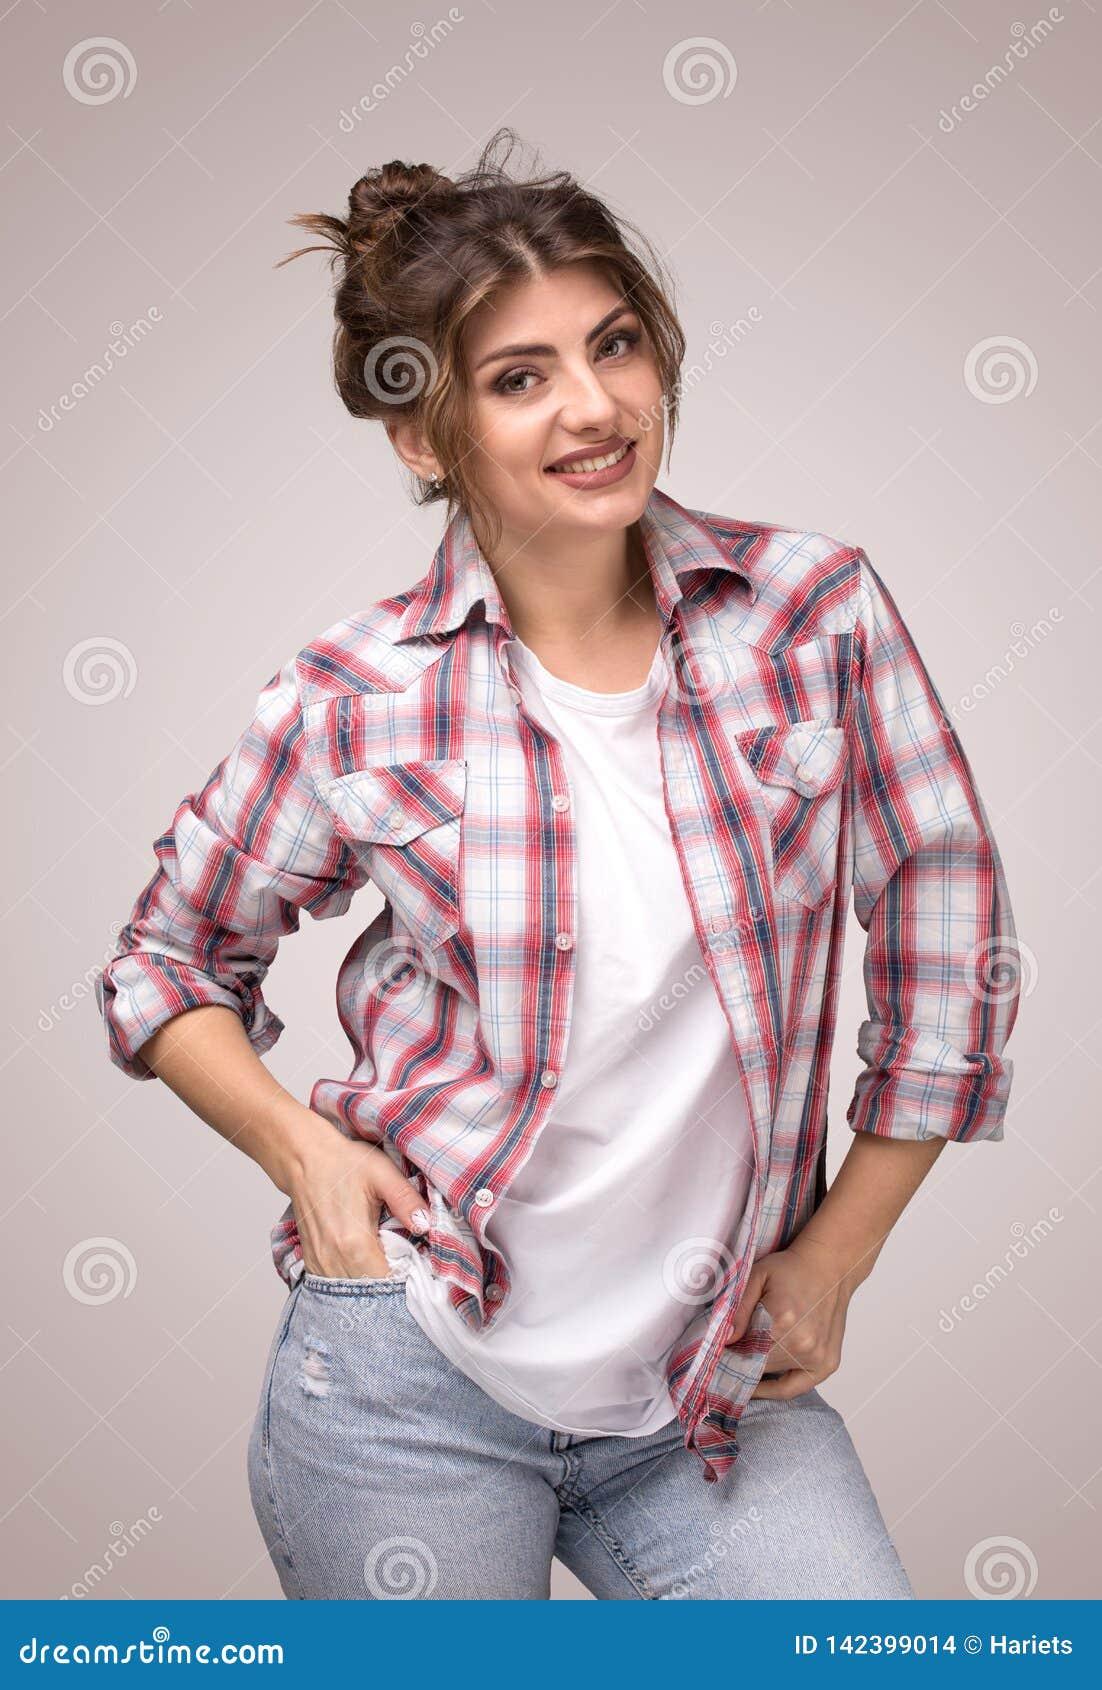 Portret młoda uśmiechnięta kobieta w szkockiej kraty koszula i białej koszulce, stoi z rękami w kieszeniach